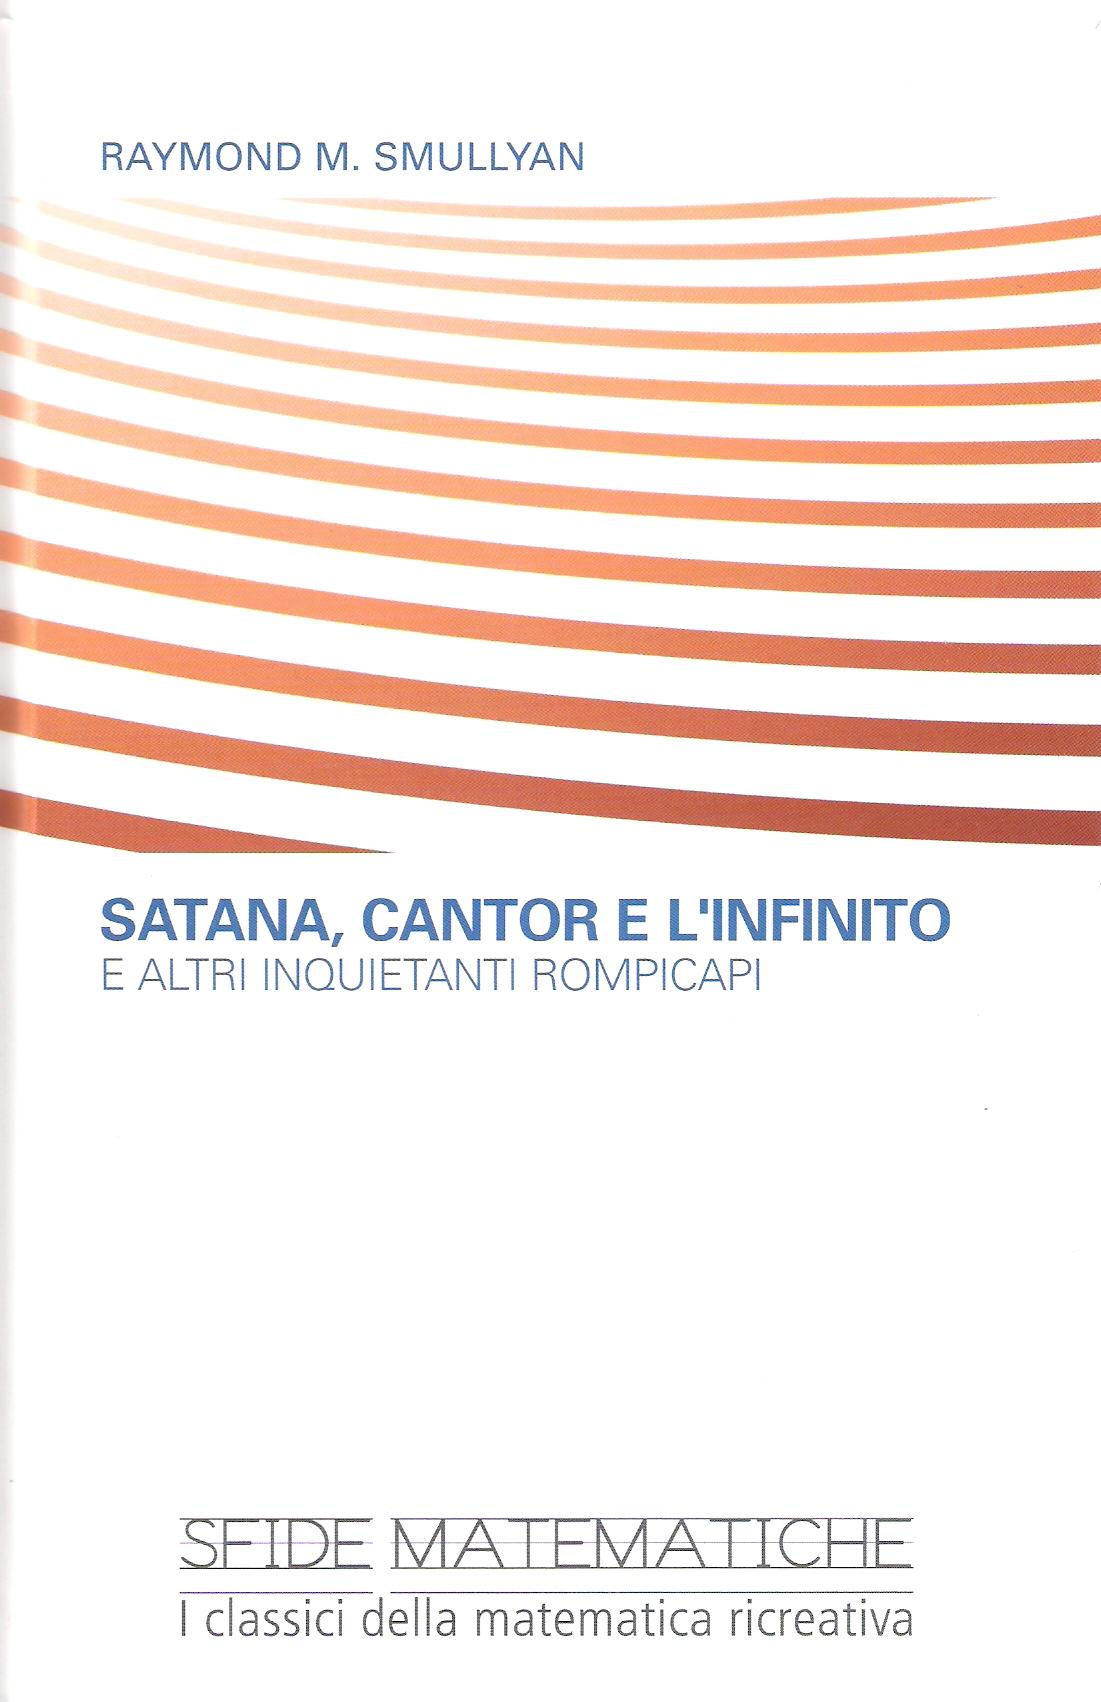 Satana, Cantor e l'infinito e altri inquietanti rompicapi